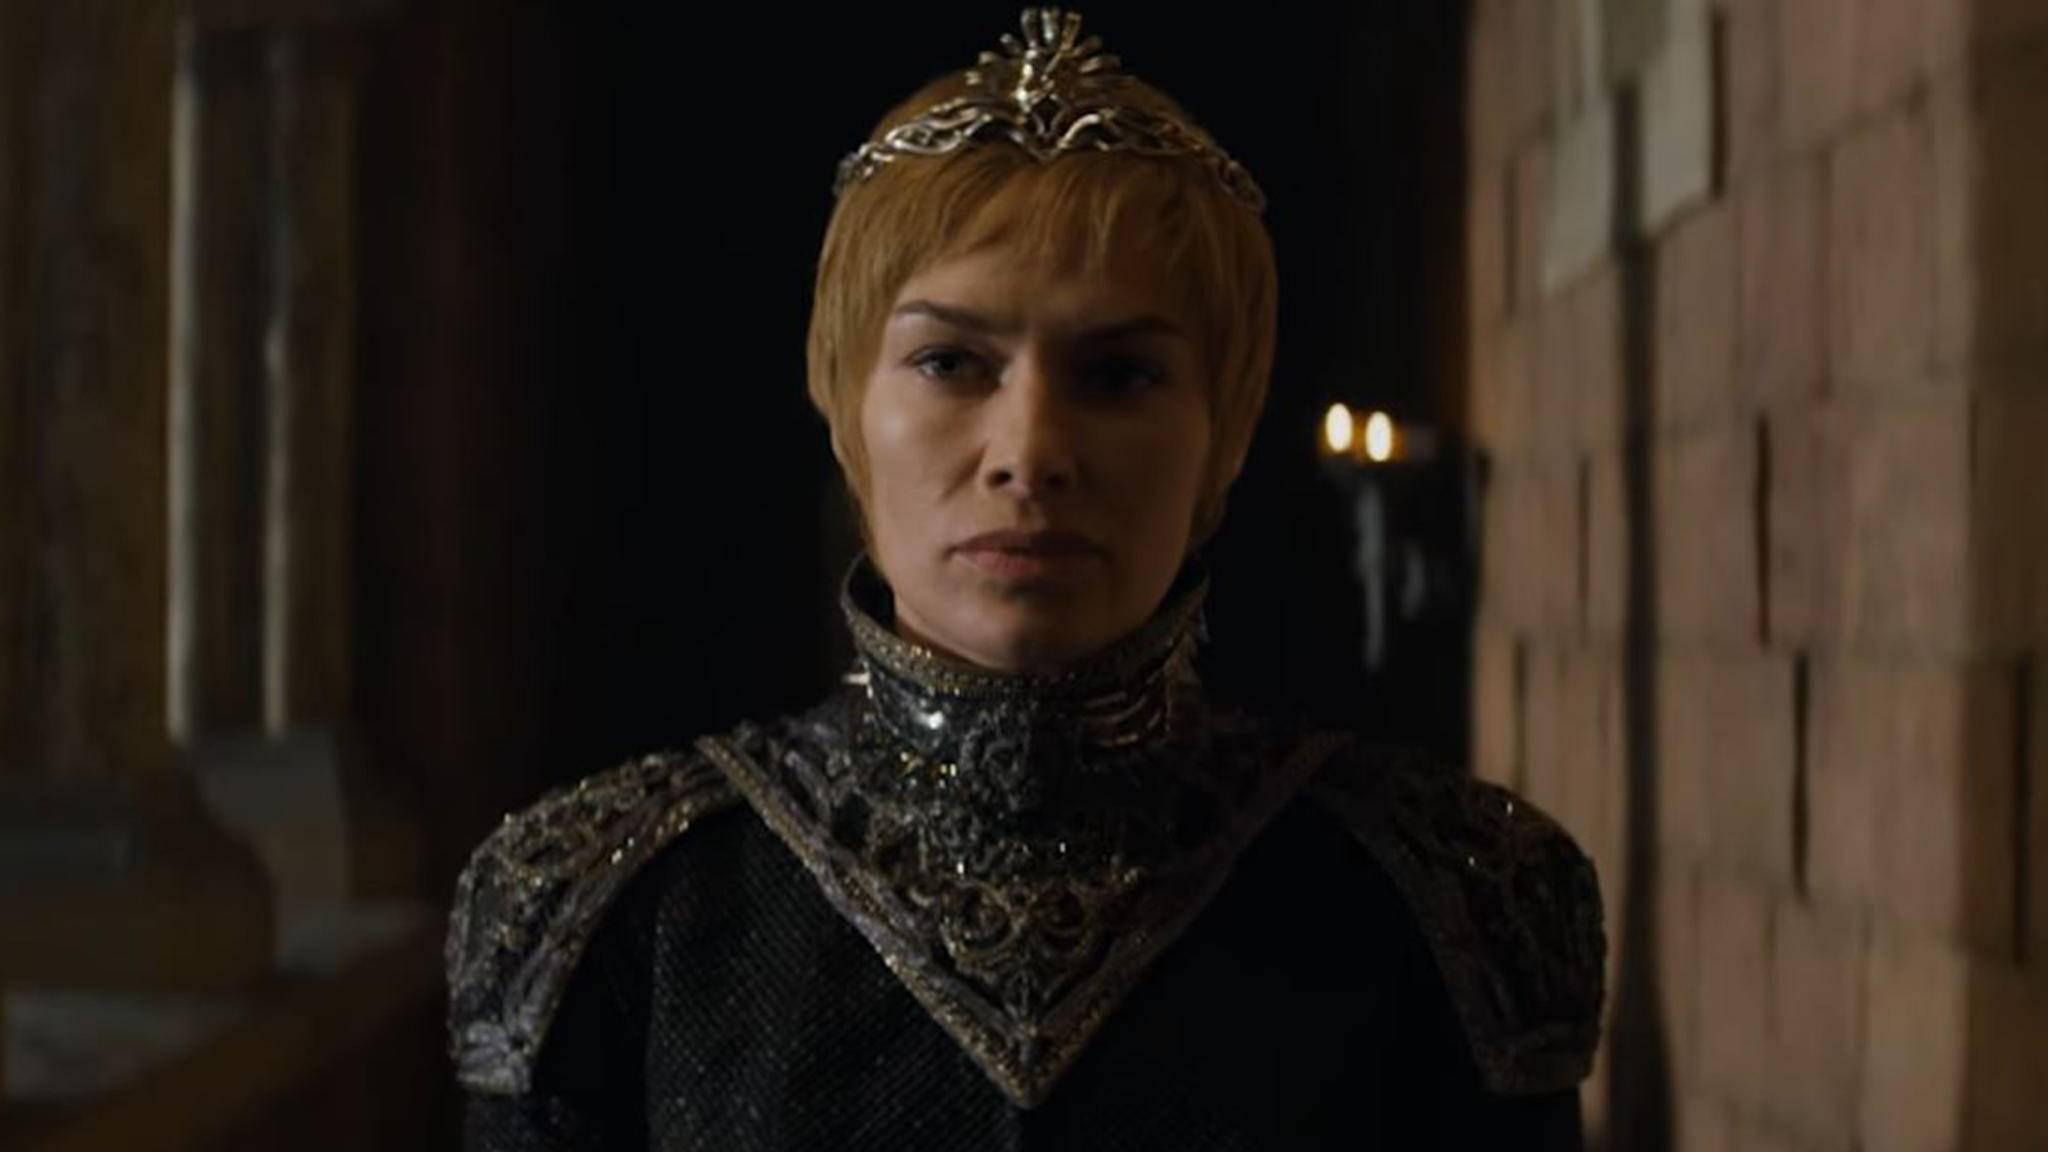 Einen Irren König gab es schon – wird Cersei Lannister zur Irren Königin?